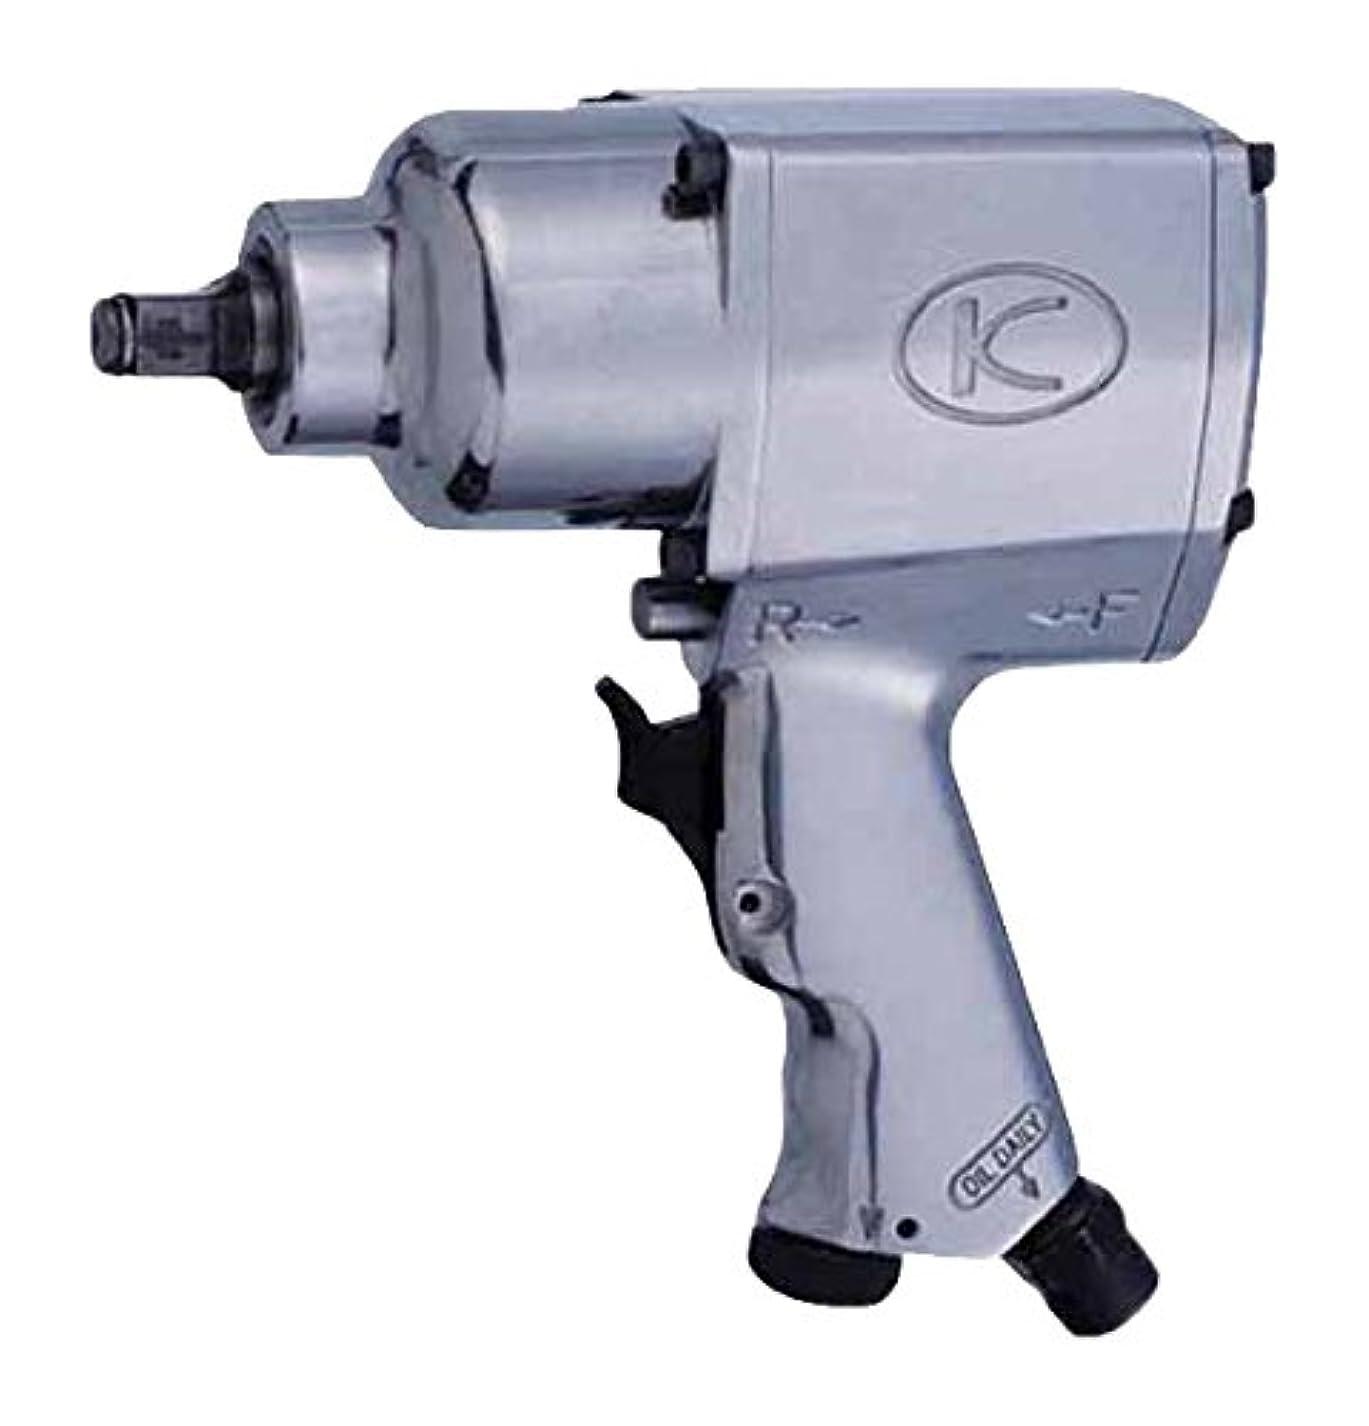 置くためにパックトリクルカカドゥ空研 1/2インチSQ中型インパクトレンチ(12.7mm角) KW19HP